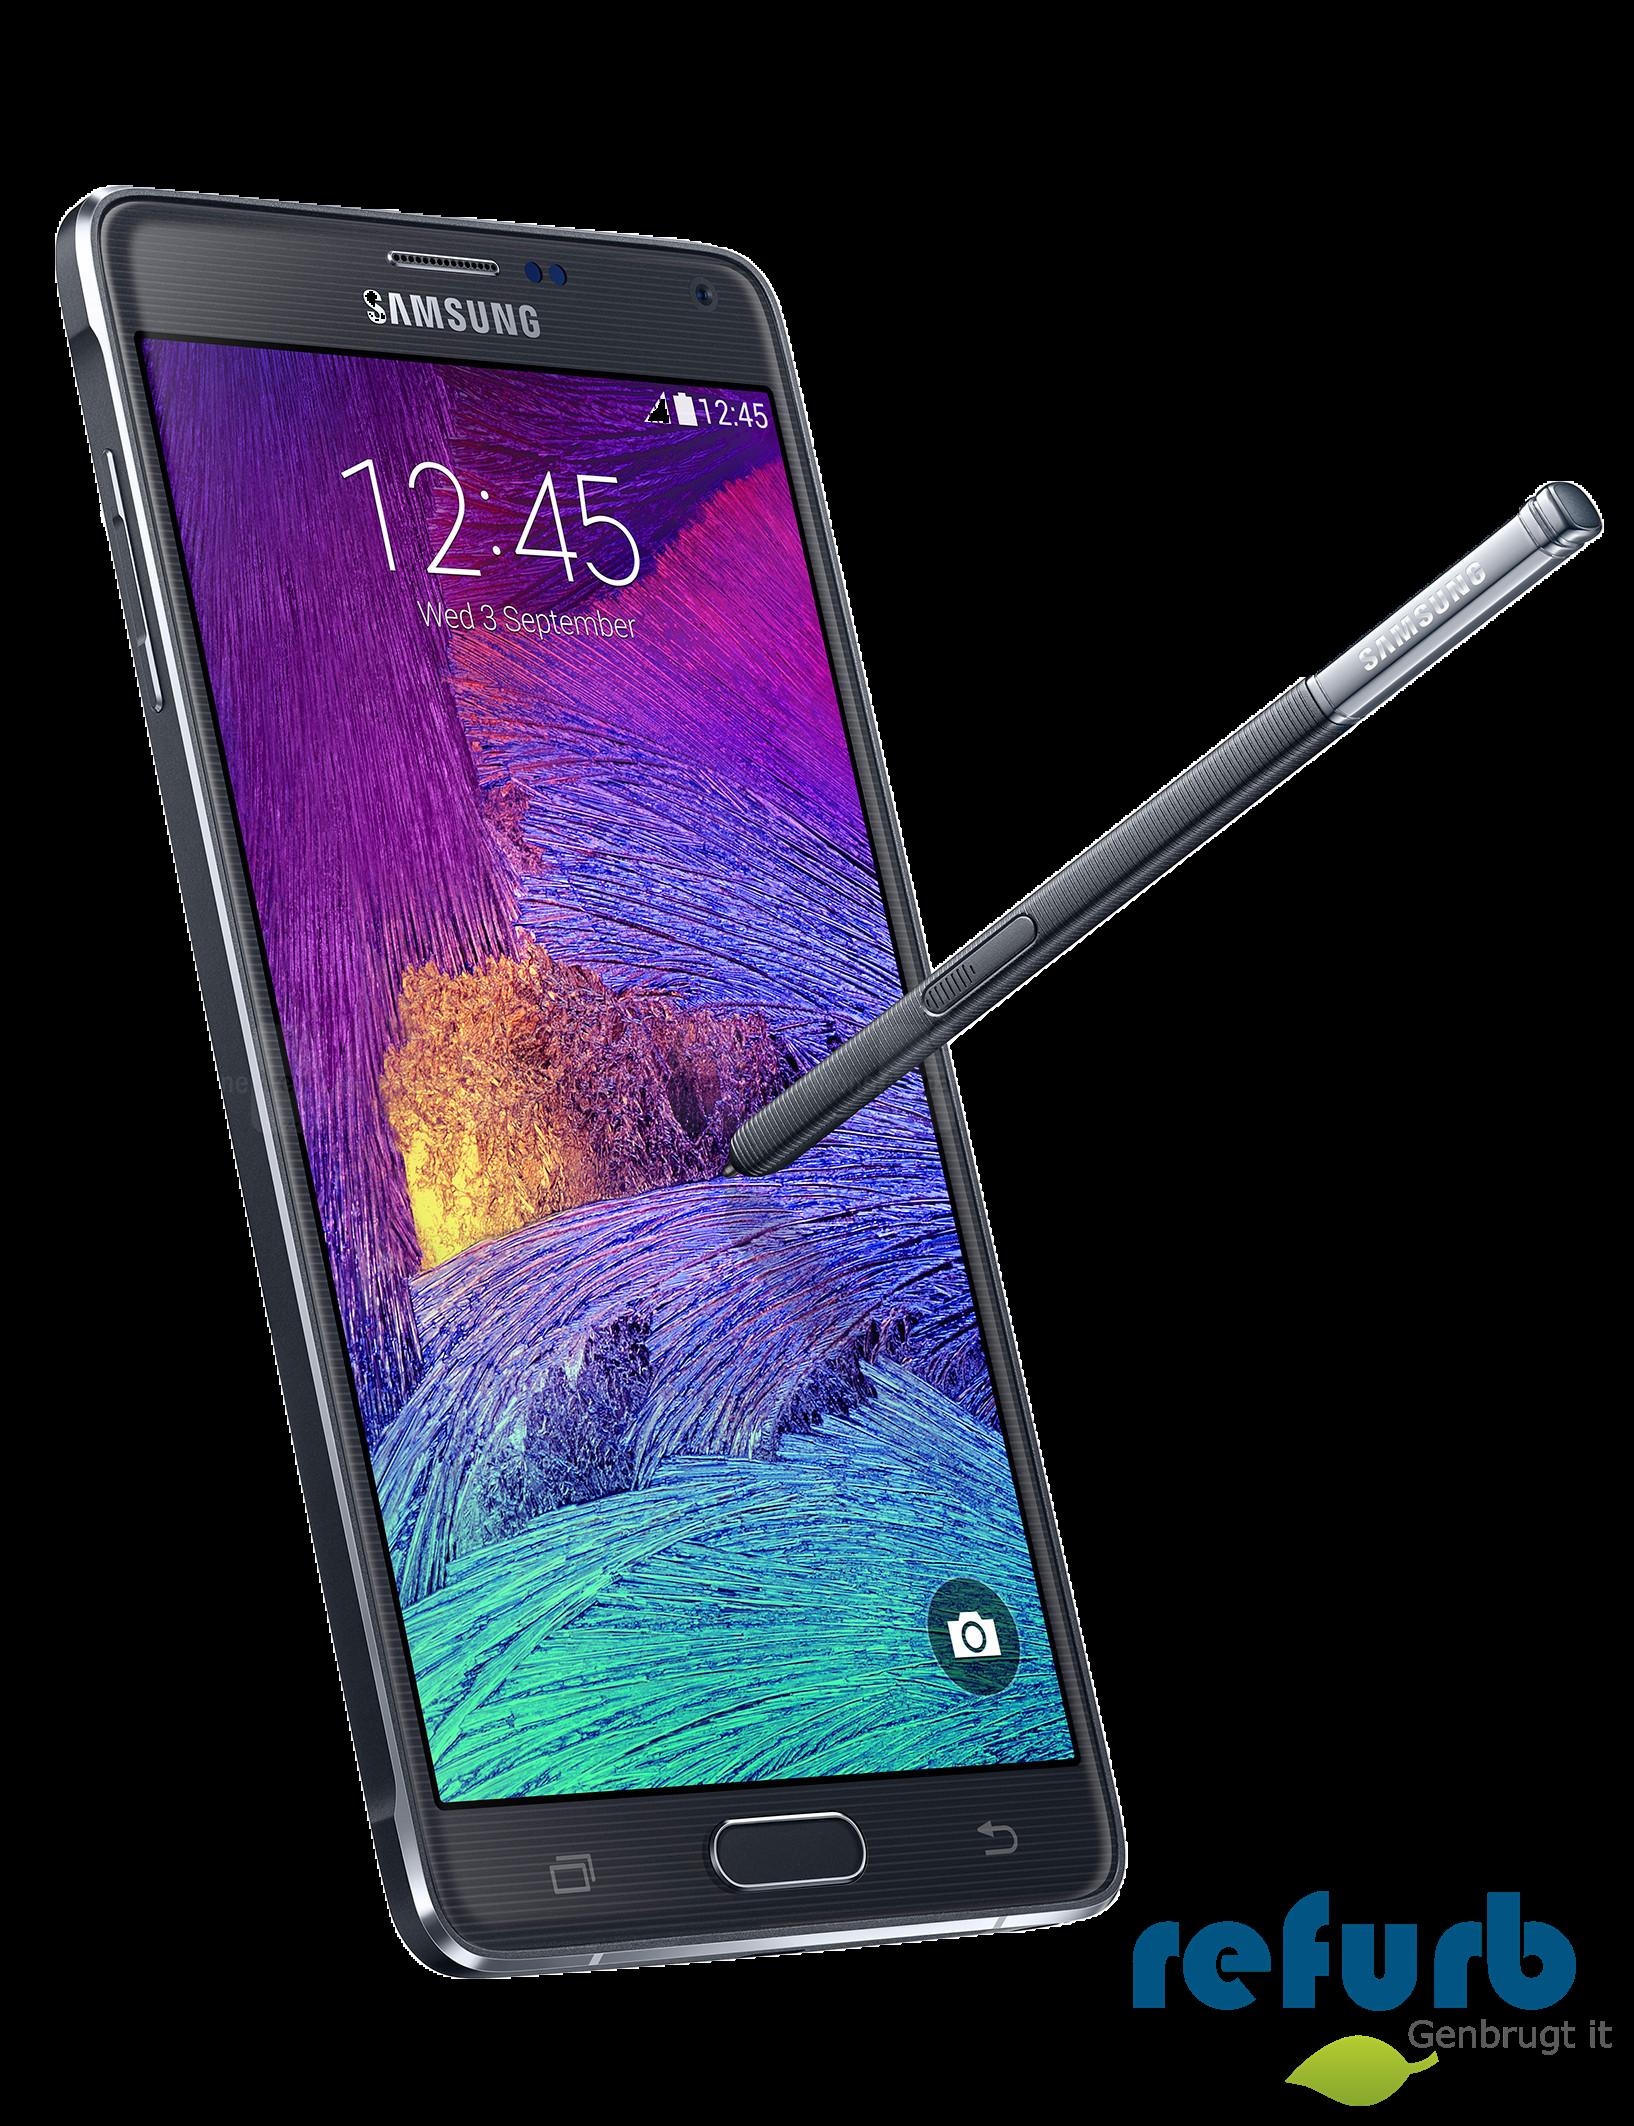 Samsung Samsung galaxy note 4 på refurb